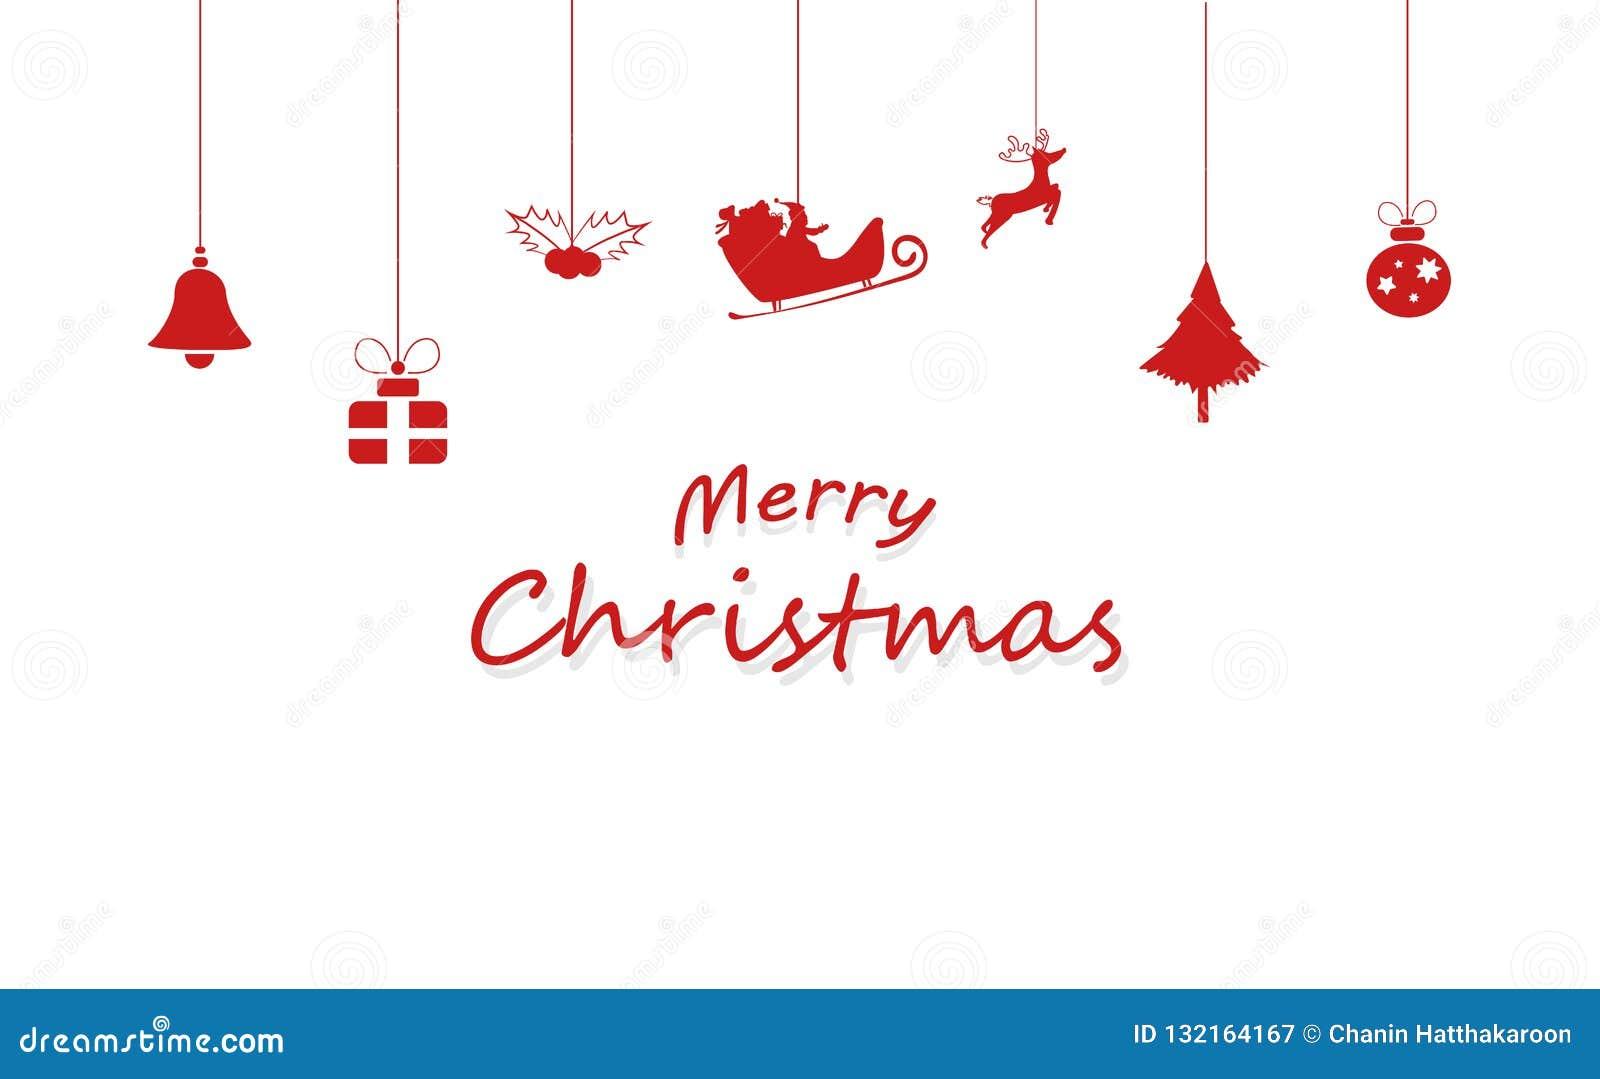 Wesoło boże narodzenia, dekoracja, Święty Mikołaj, renifer, prezent, piłka